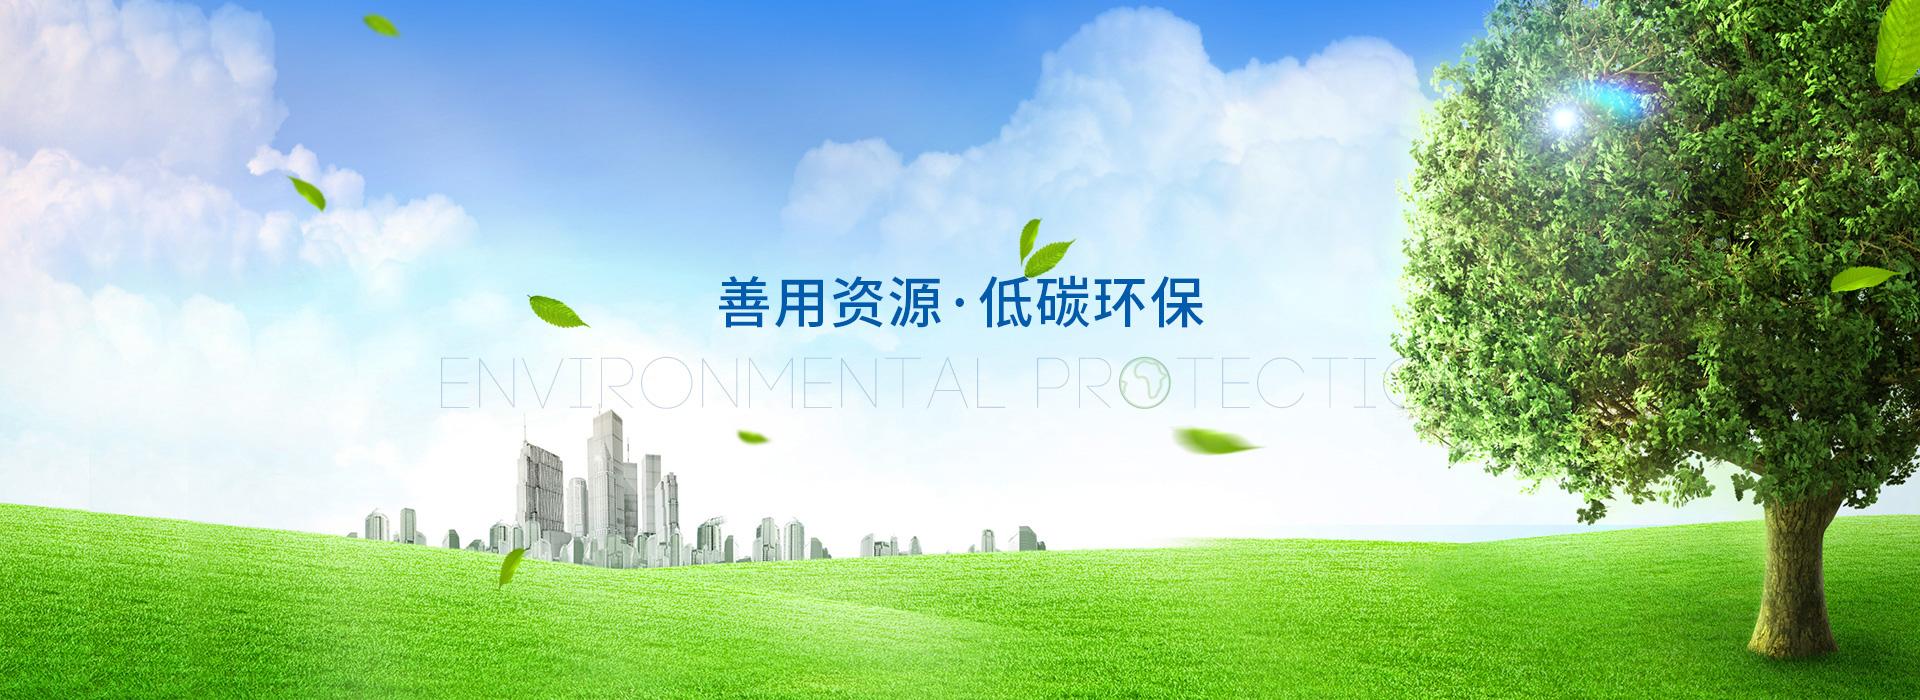 善用资源,低碳环保